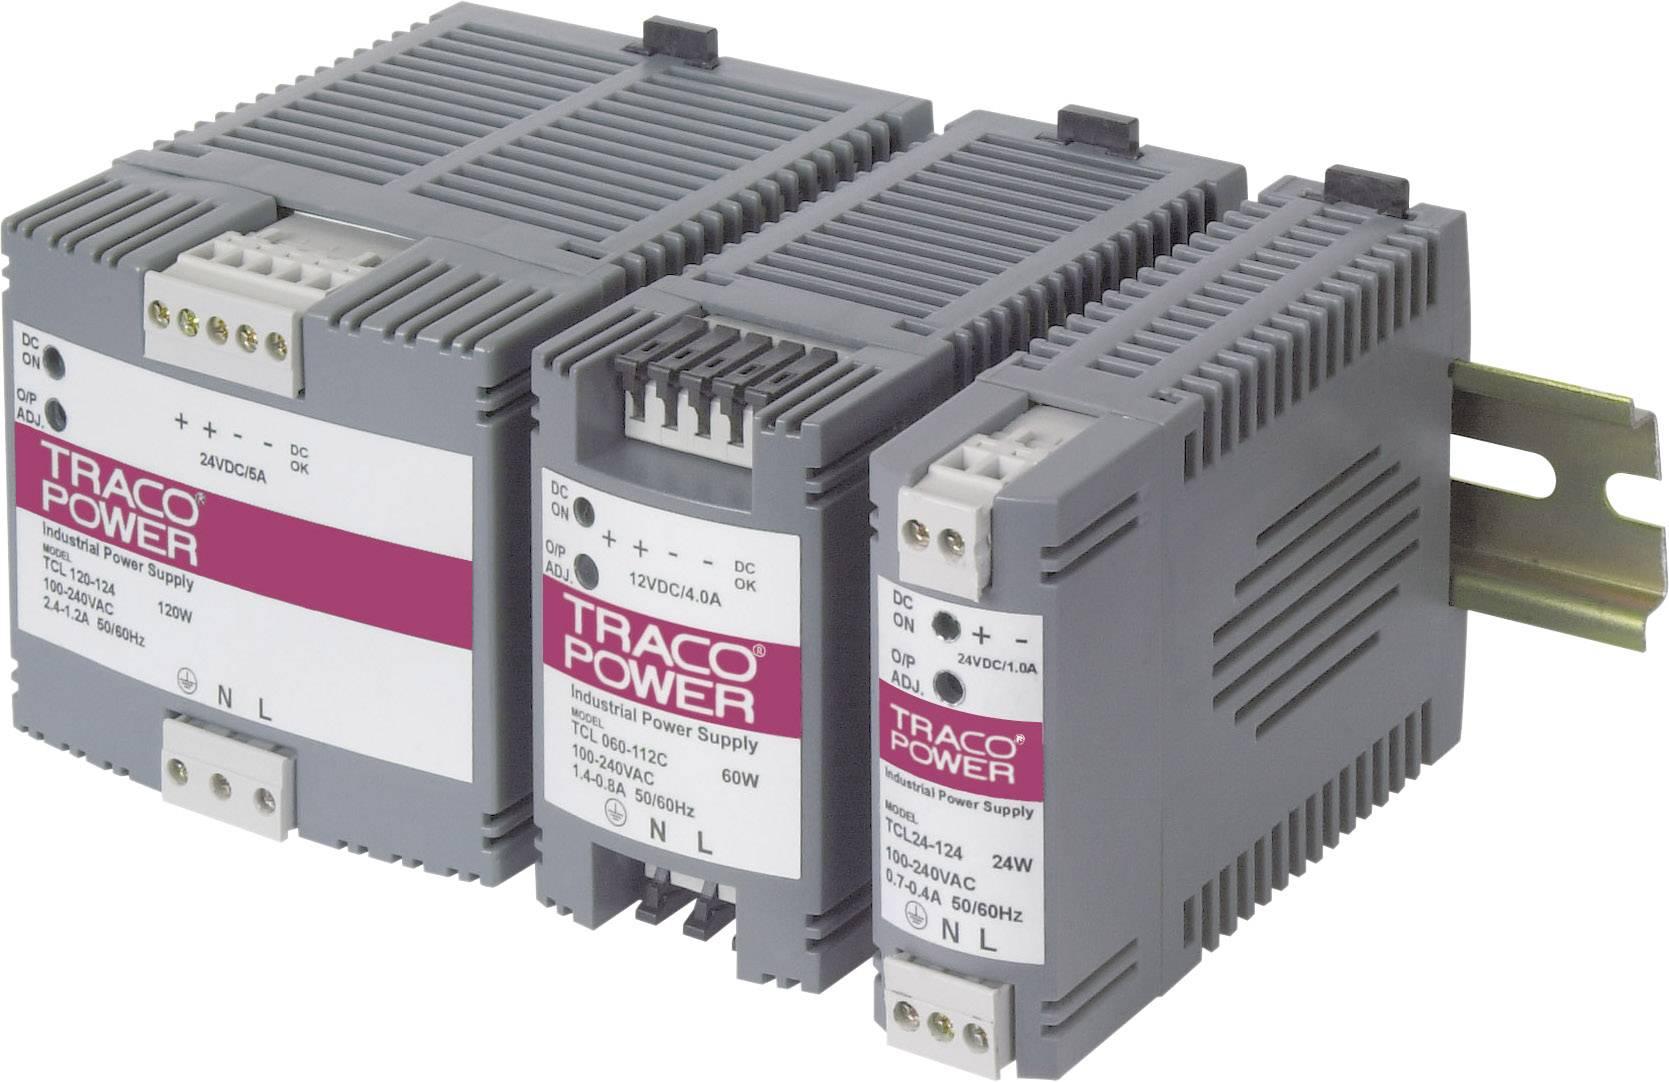 Sieťový zdroj na montážnu lištu (DIN lištu) TracoPower TCL 120-124C, 1 x, 24 V/DC, 5 A, 120 W